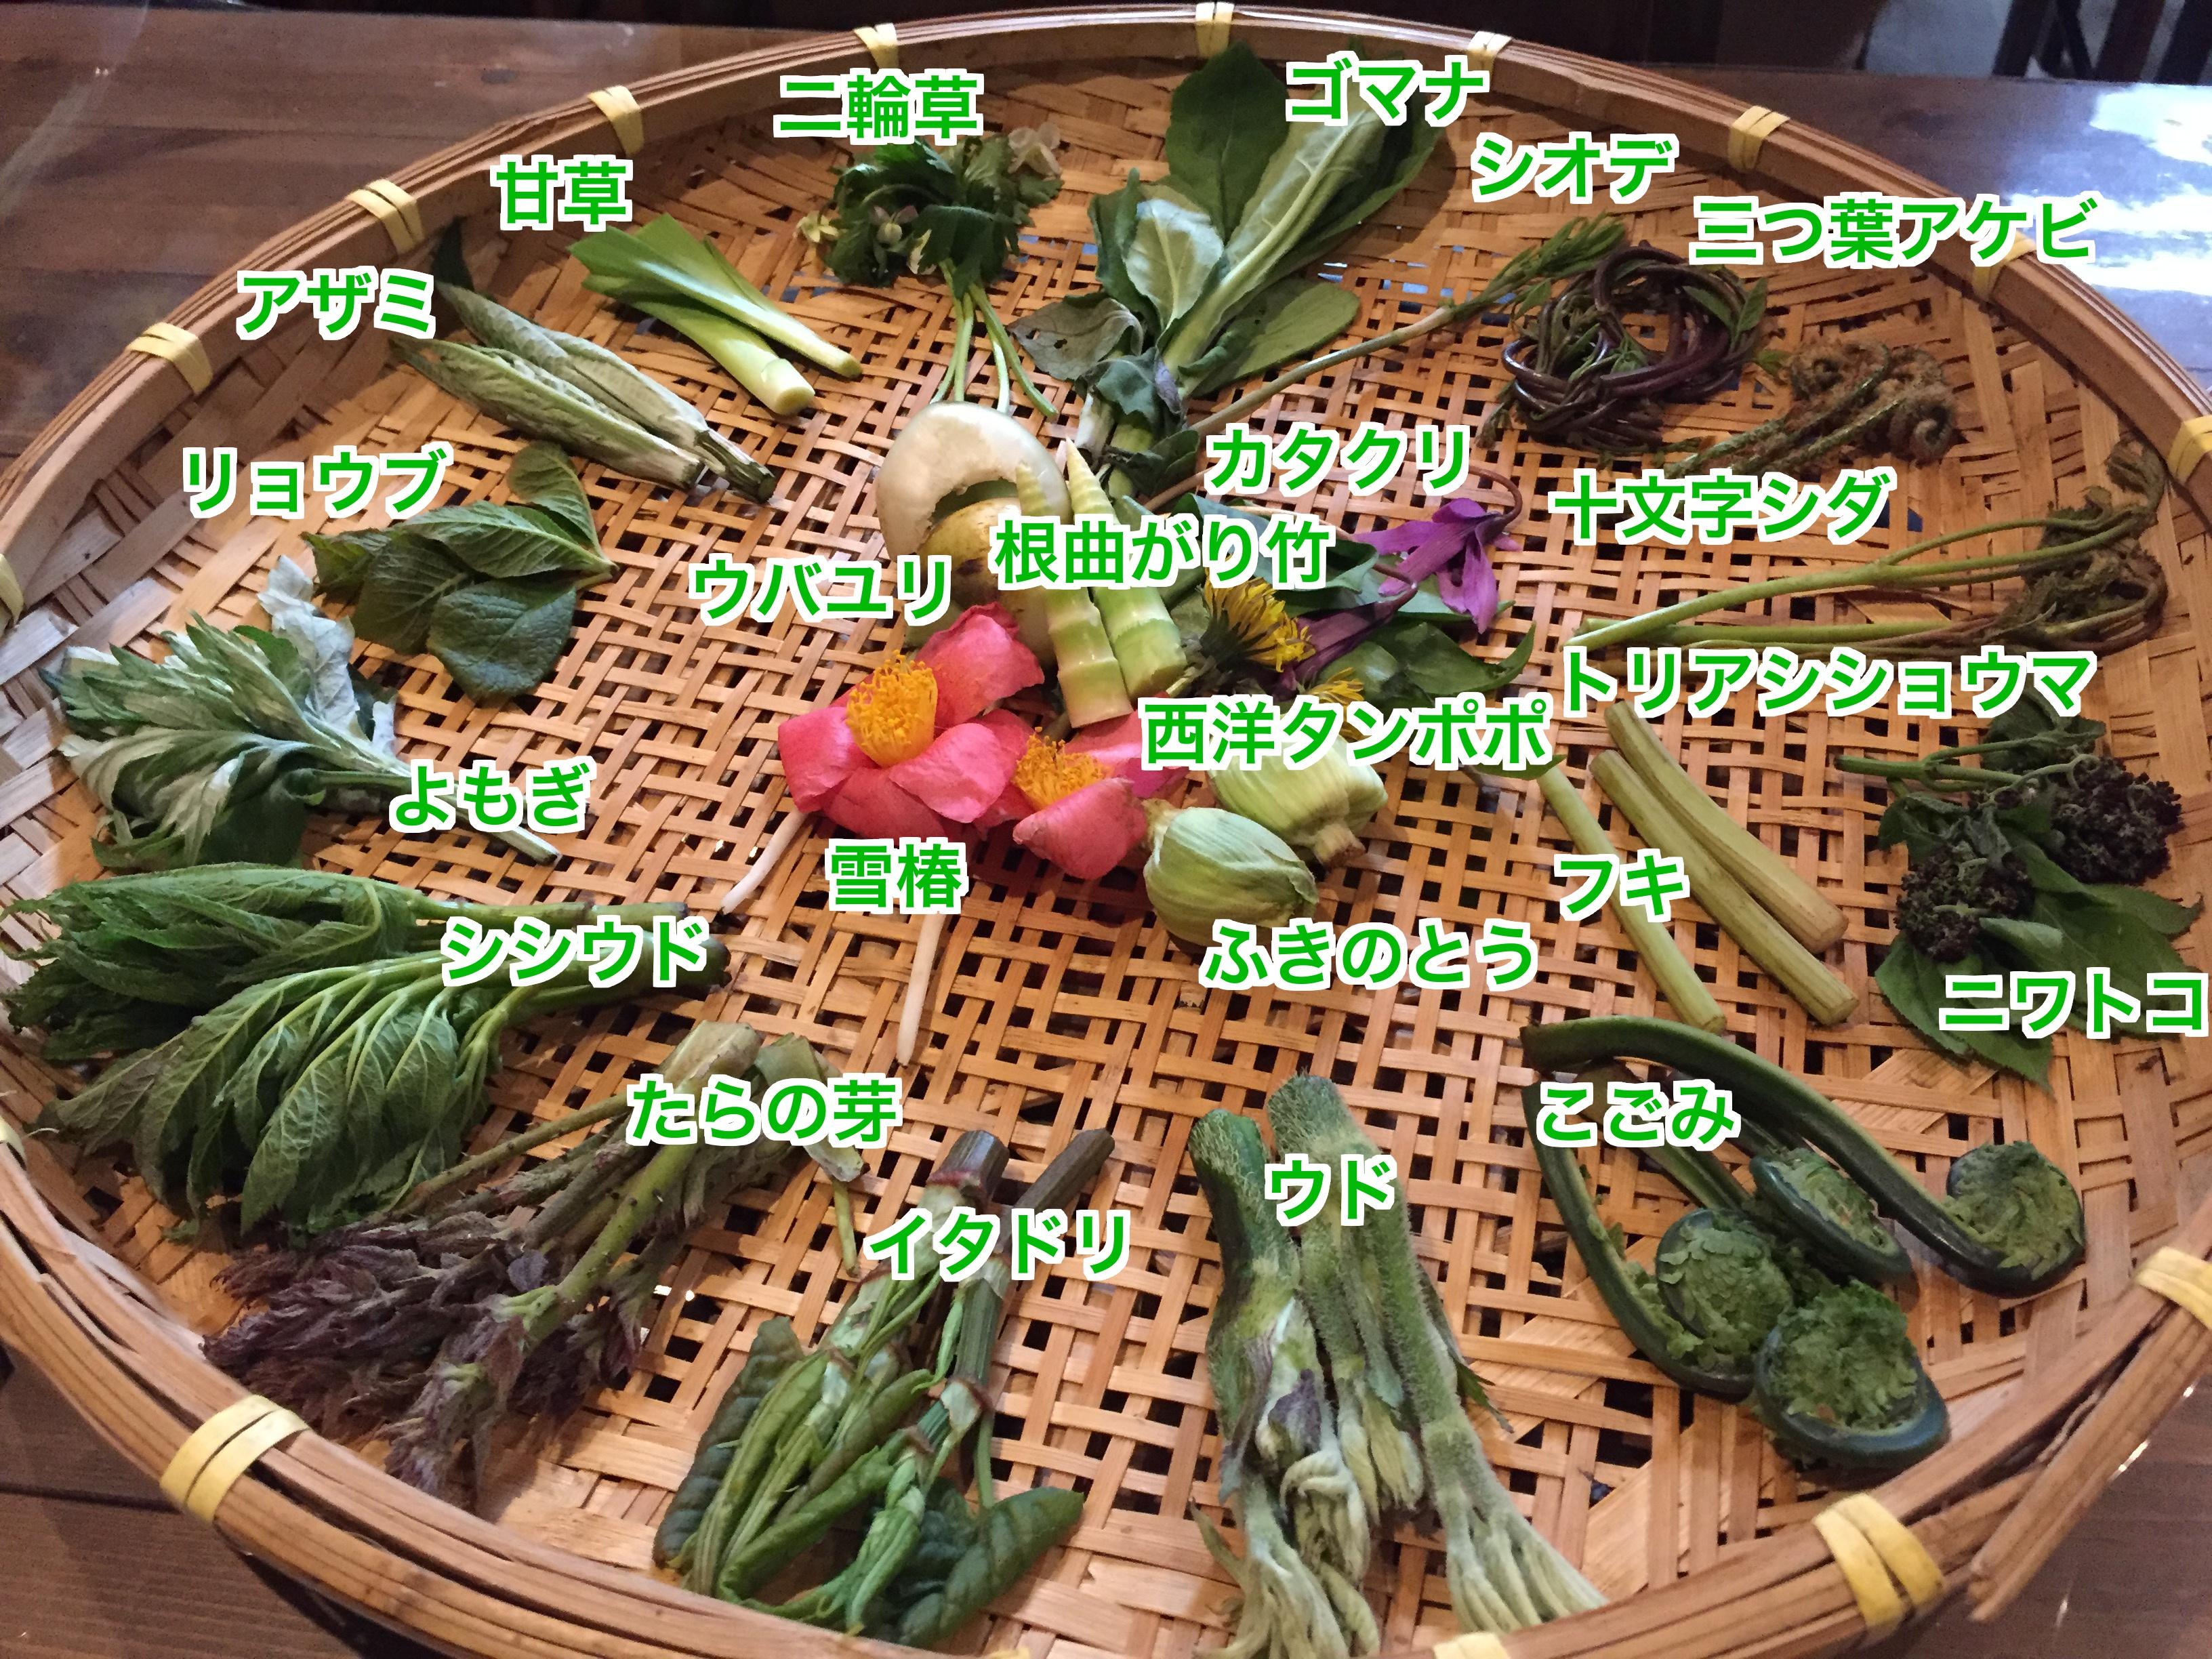 天ぷらになる山菜たち